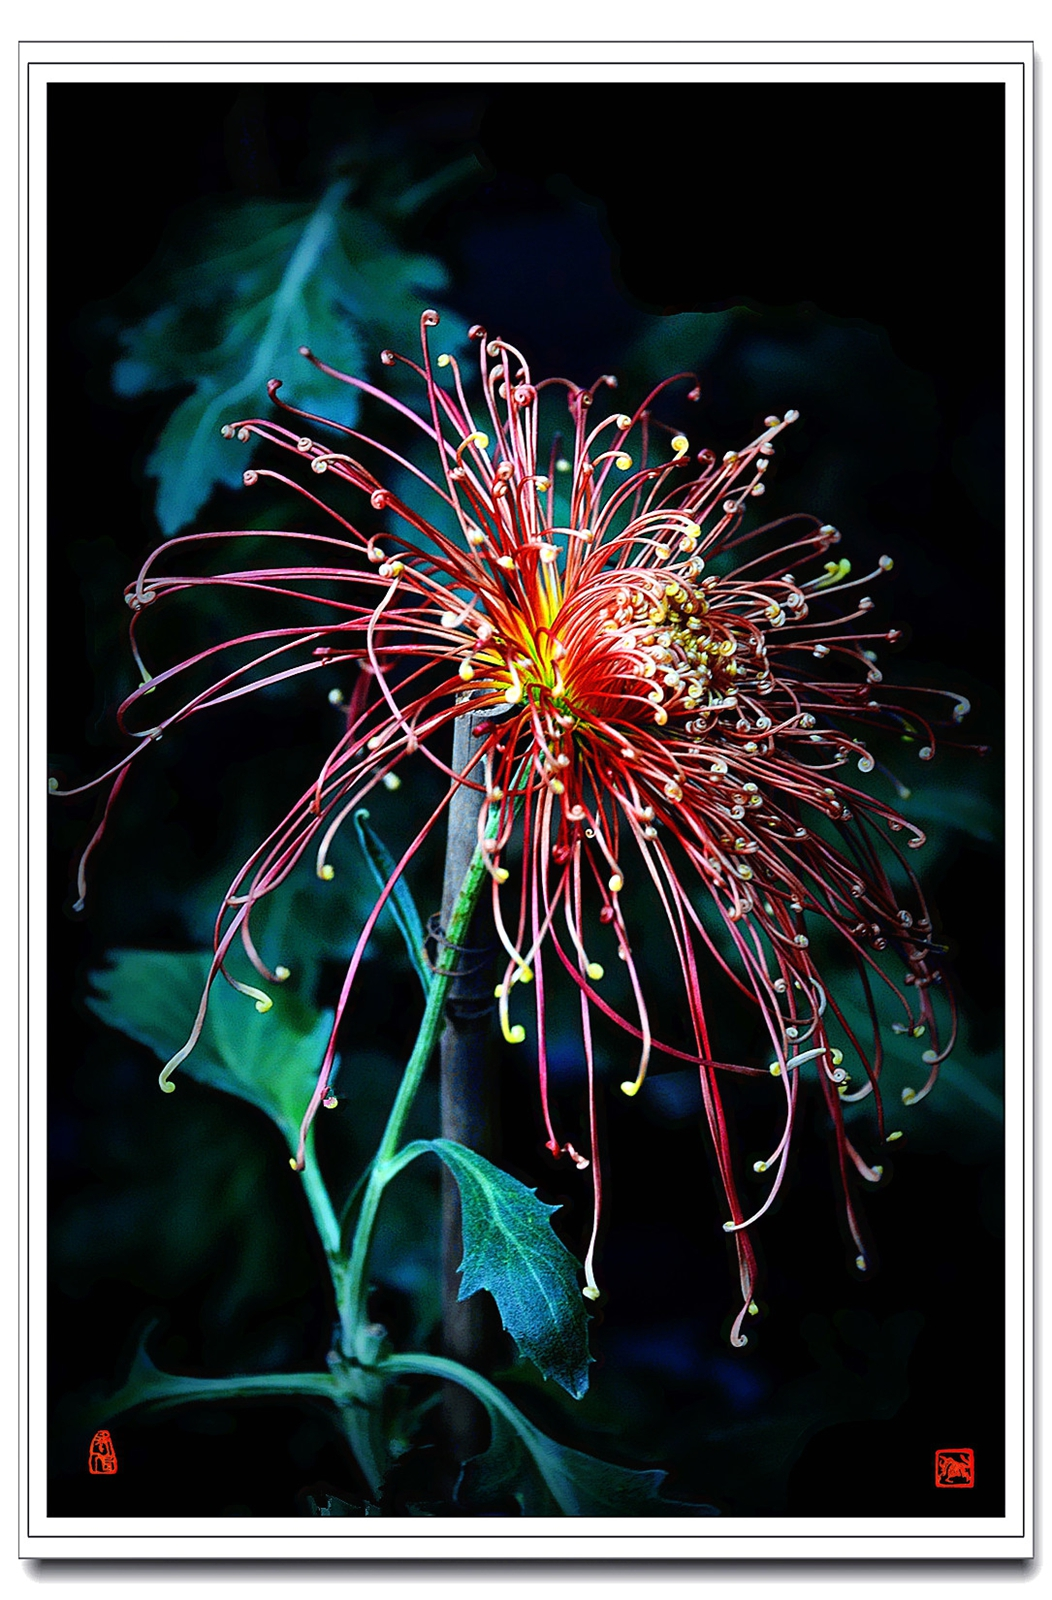 老张喜爱摄影作品:线菊的构图与拍法